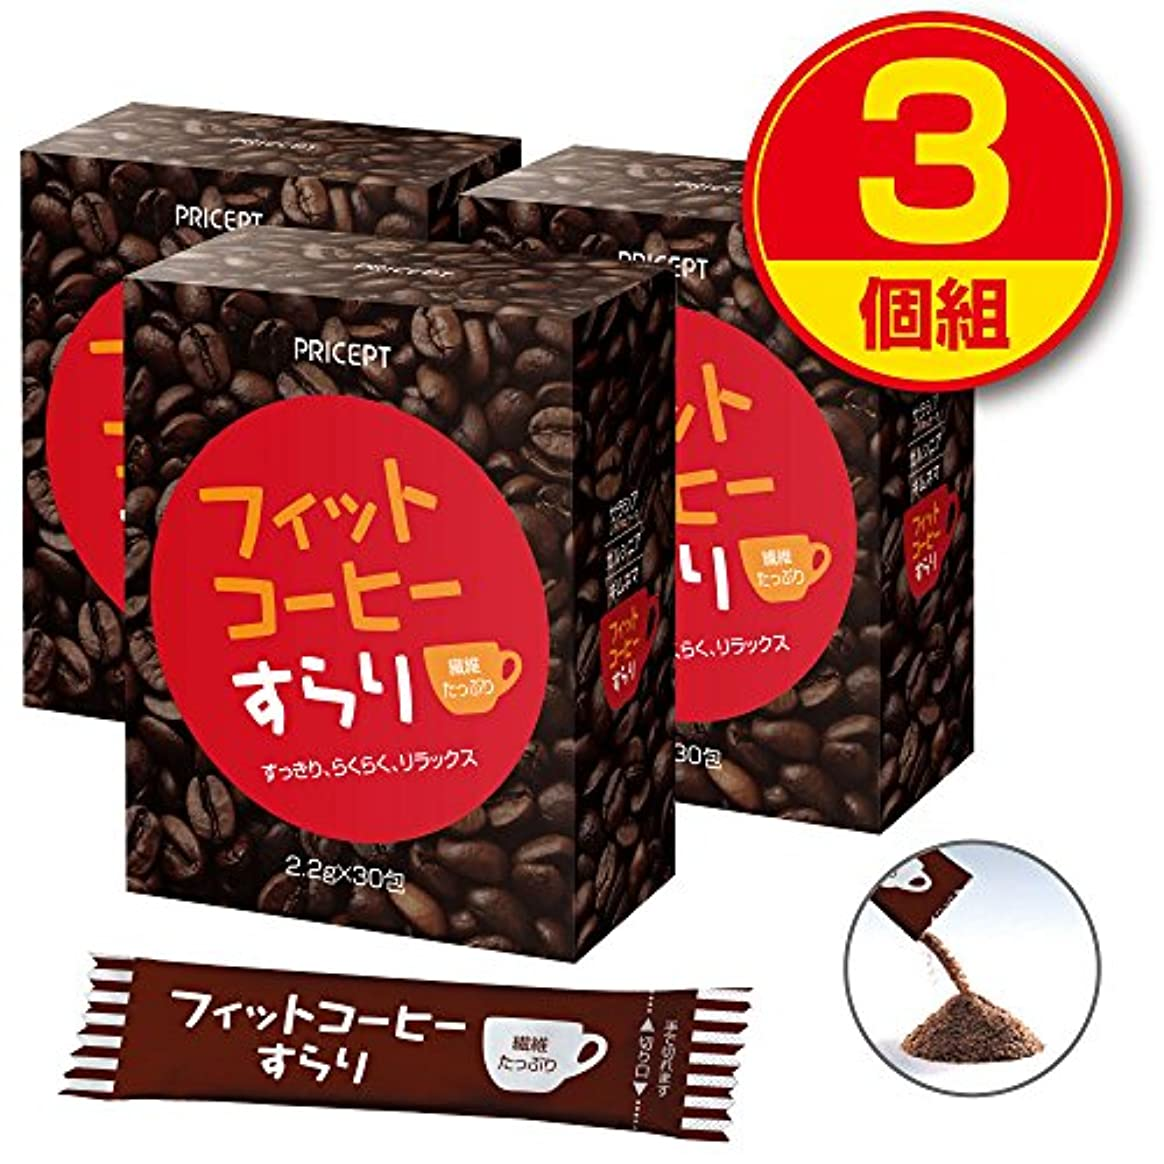 ピット宝石接地プリセプト フィットコーヒーすらり 30包【3個組(90包)】(ダイエットサポートコーヒー)